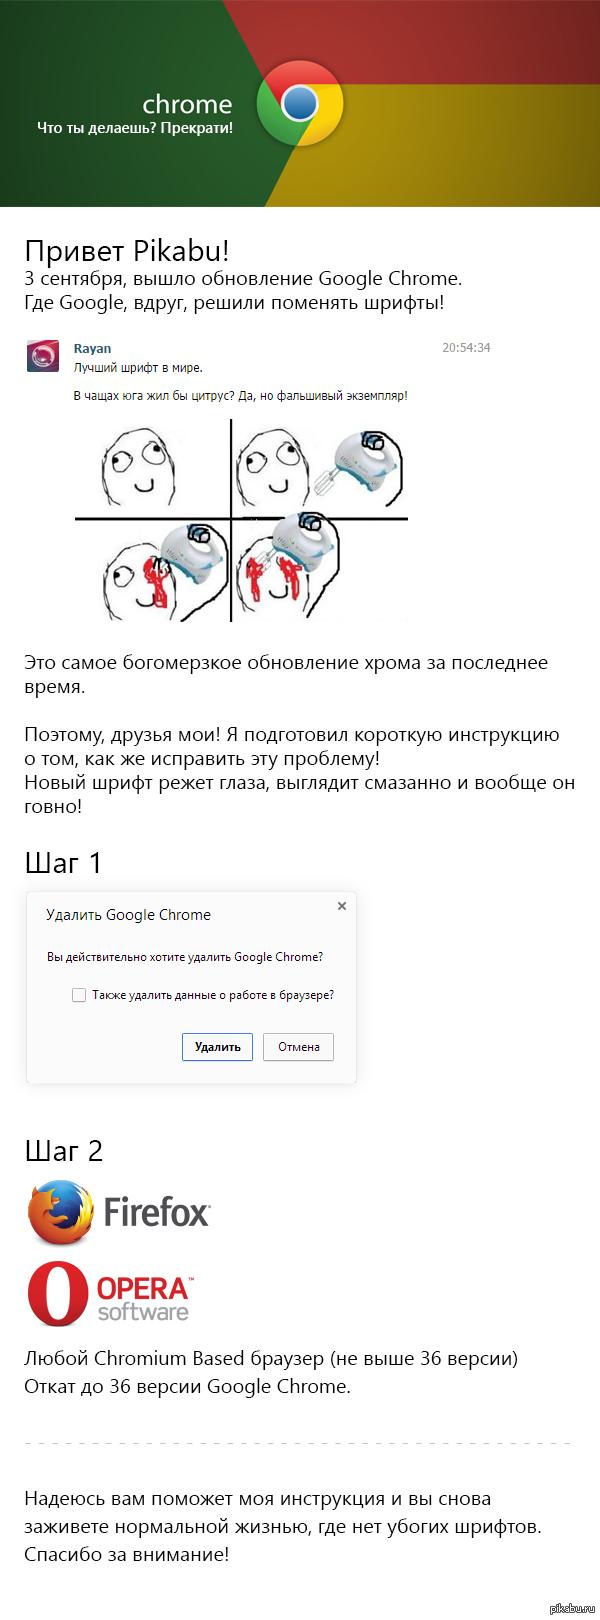 Решение проблемы с новыми шрифтами Google Chrome